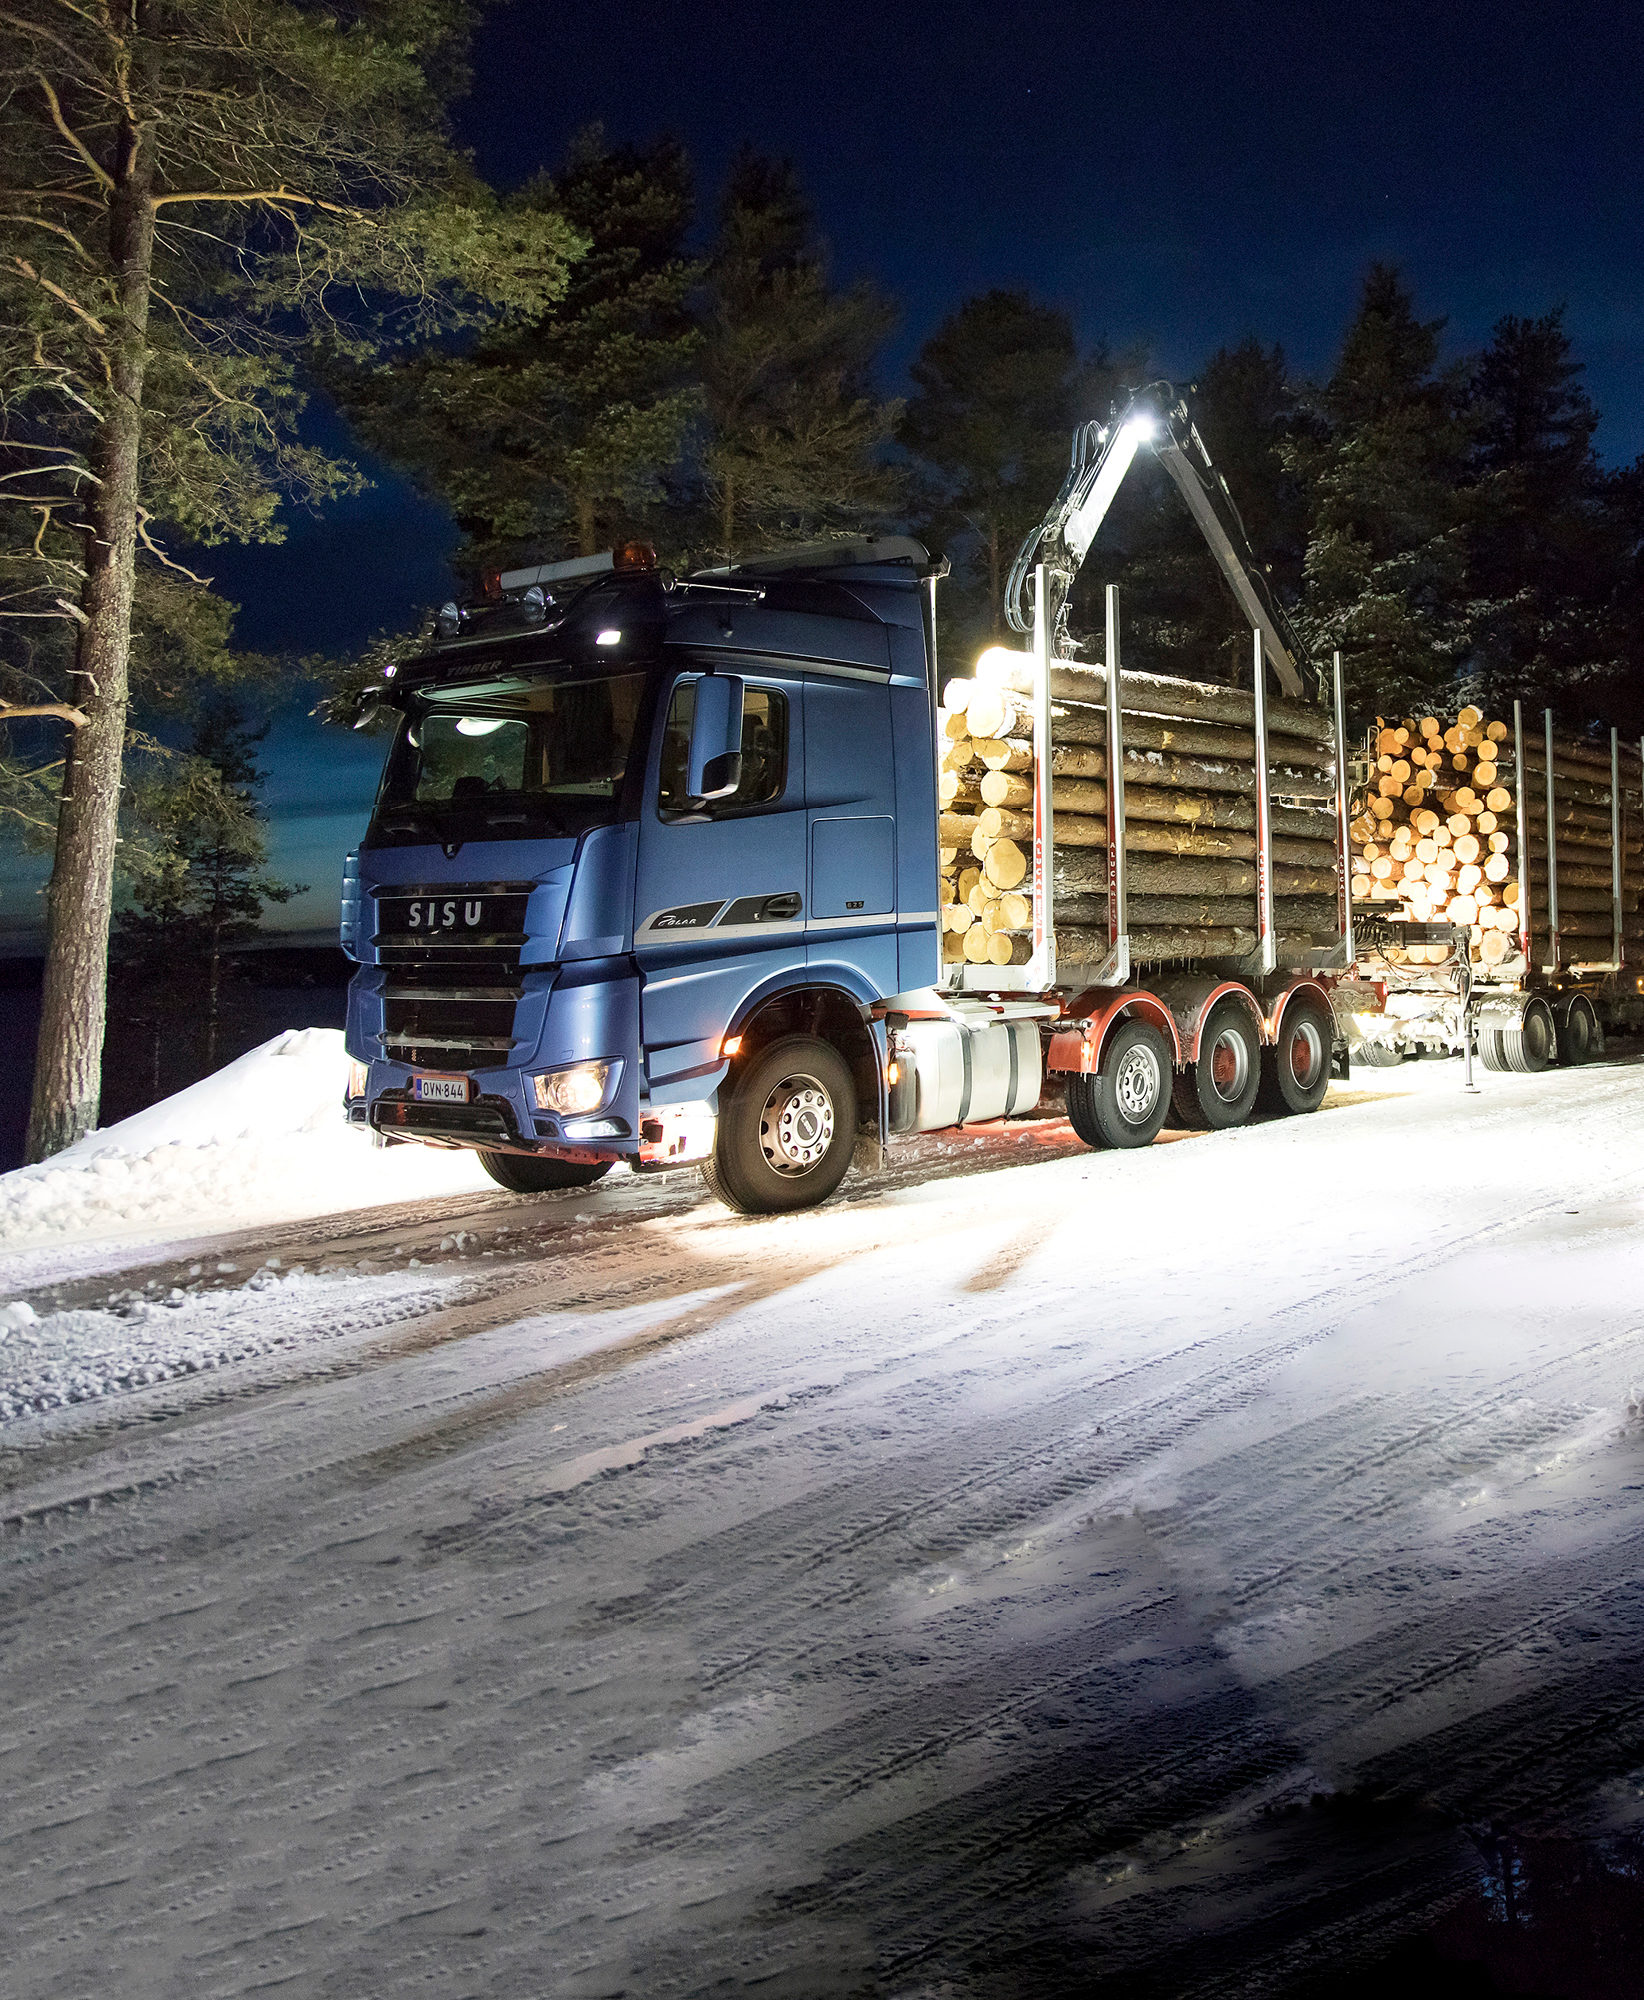 Puutavara-ajoon varusteltu Sisu Hybrid pääsee tositoimiin kesäkuussa 2018. Sen voi bongata Kaakkois-Suomen teillä.